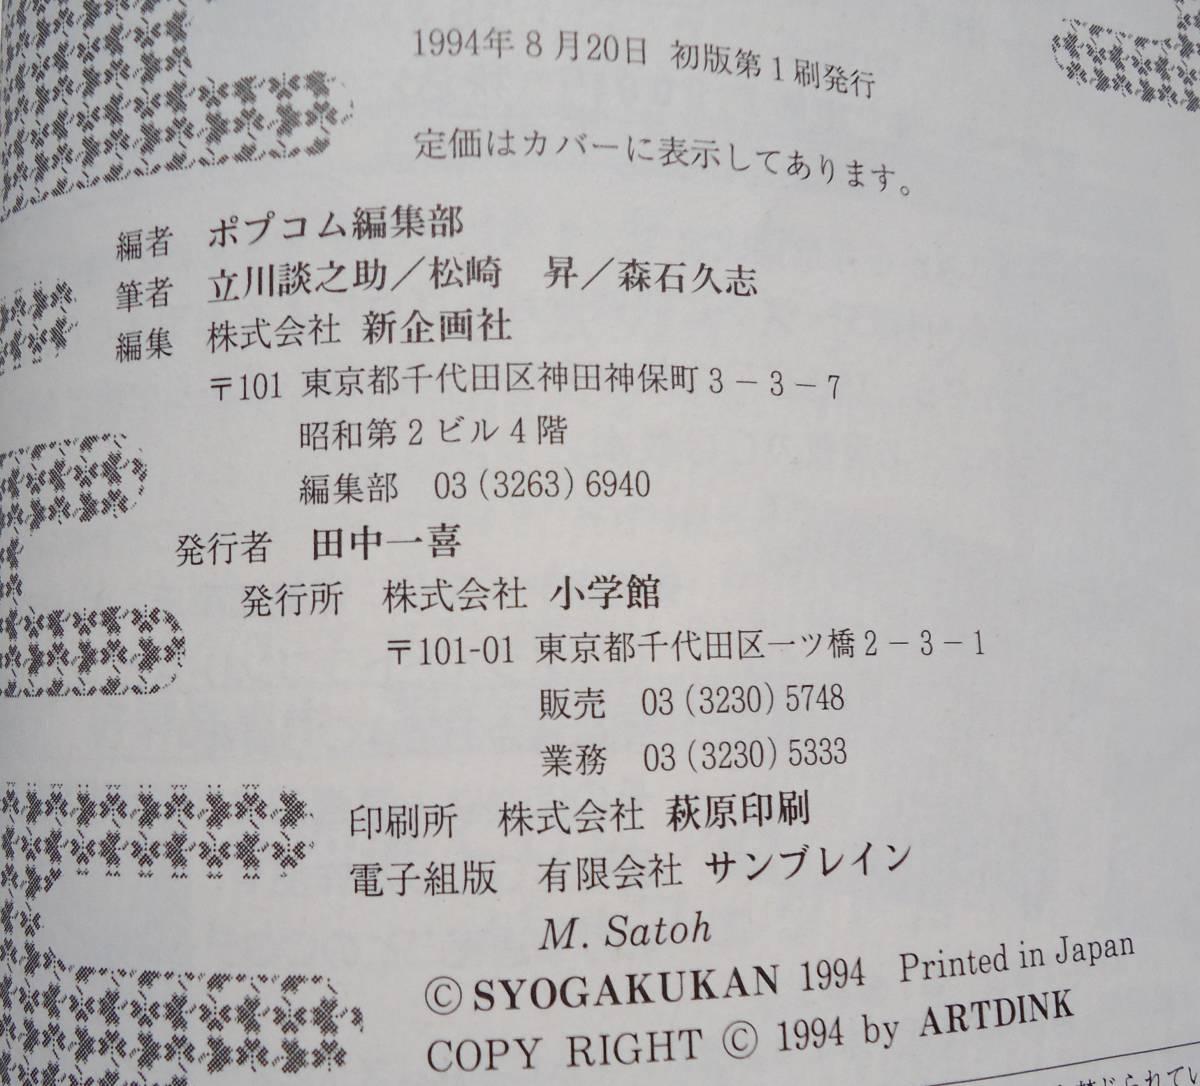 天下御免 パーフェクトガイド ☆PC アートディンク ☆ 攻略本 Popcom books ポプコム編集部 小学館